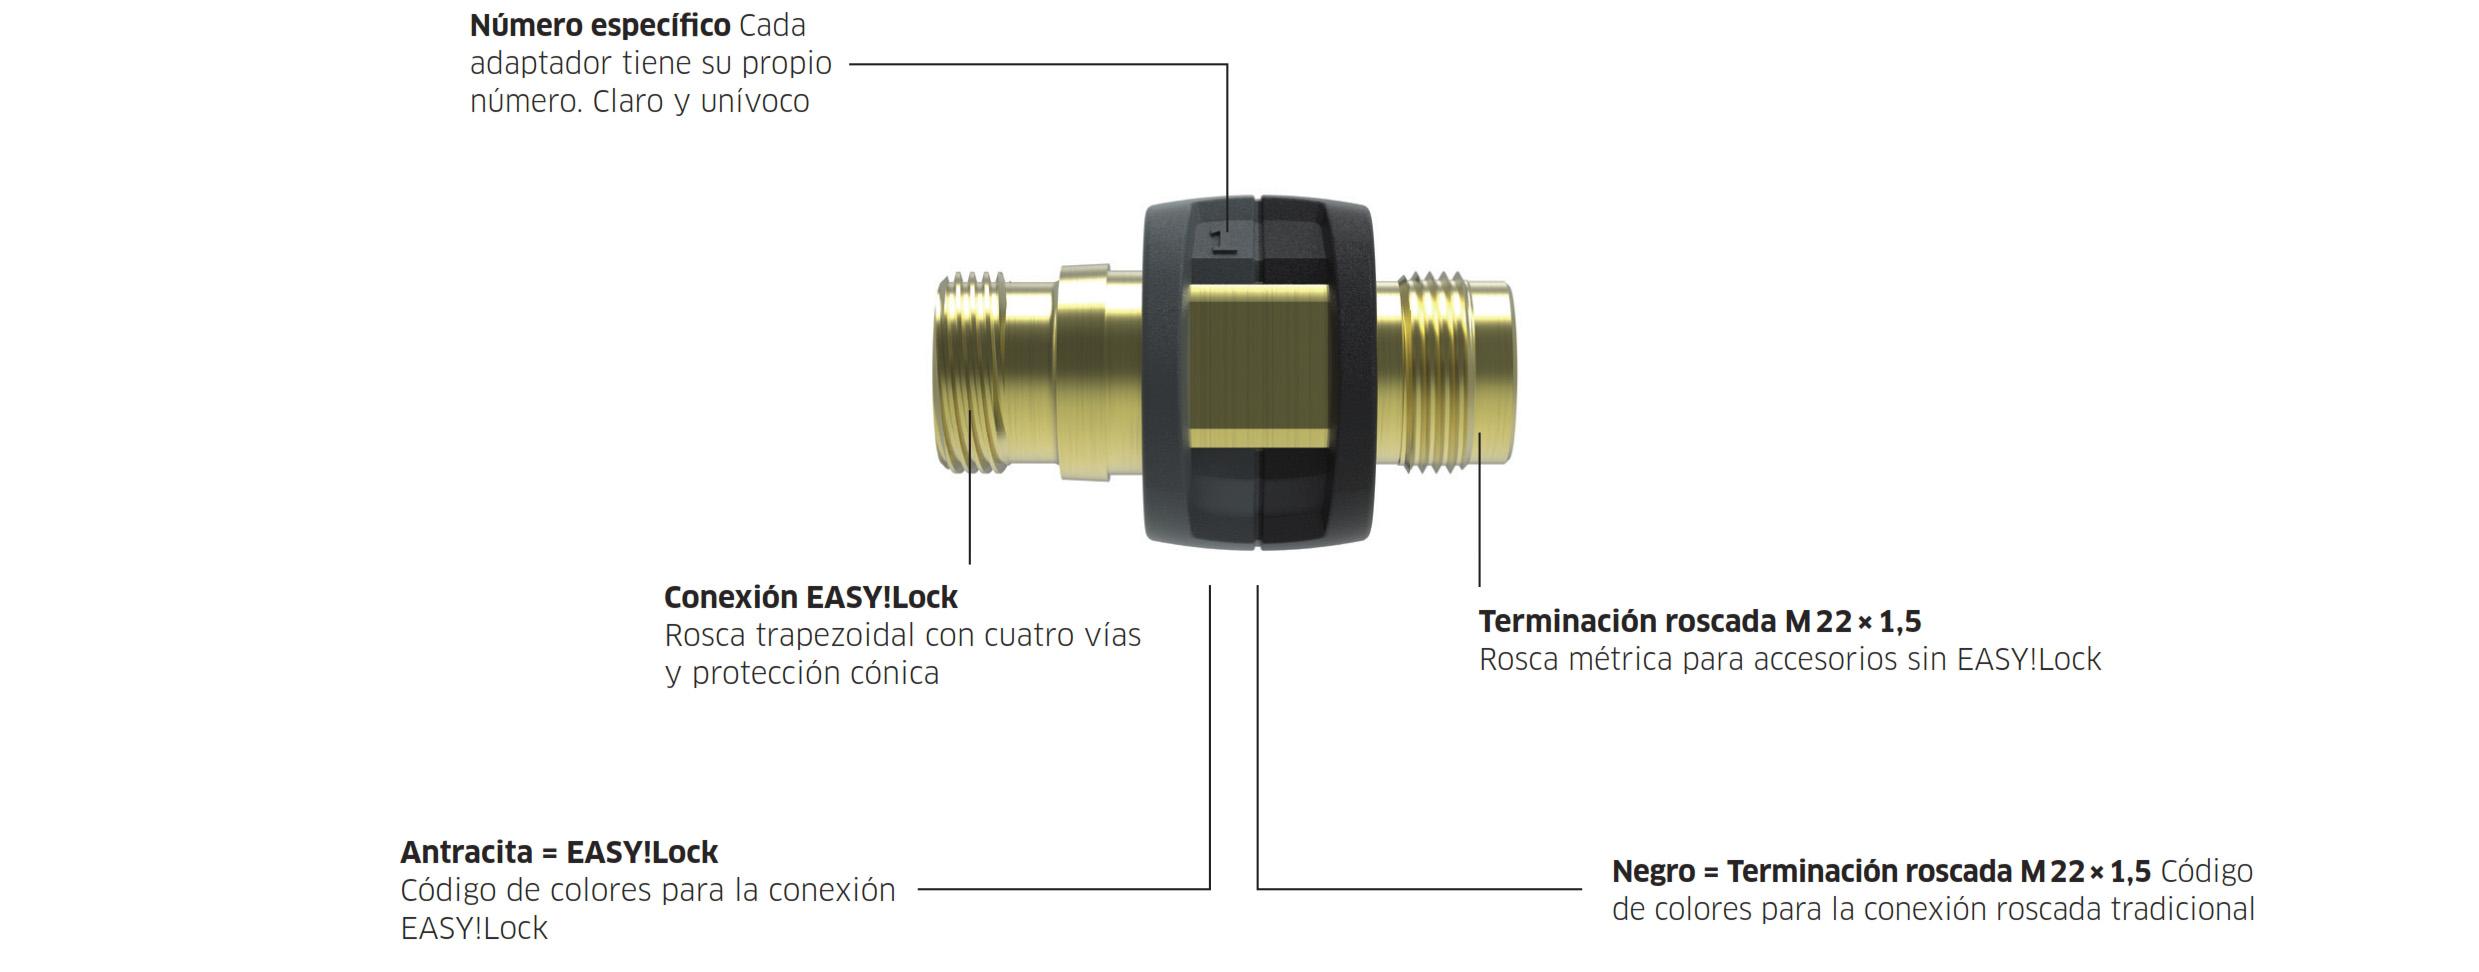 como funcionan los adaptadores easy lock de karcher - Adaptadores Karcher para limpiadoras de alta presión profesionales